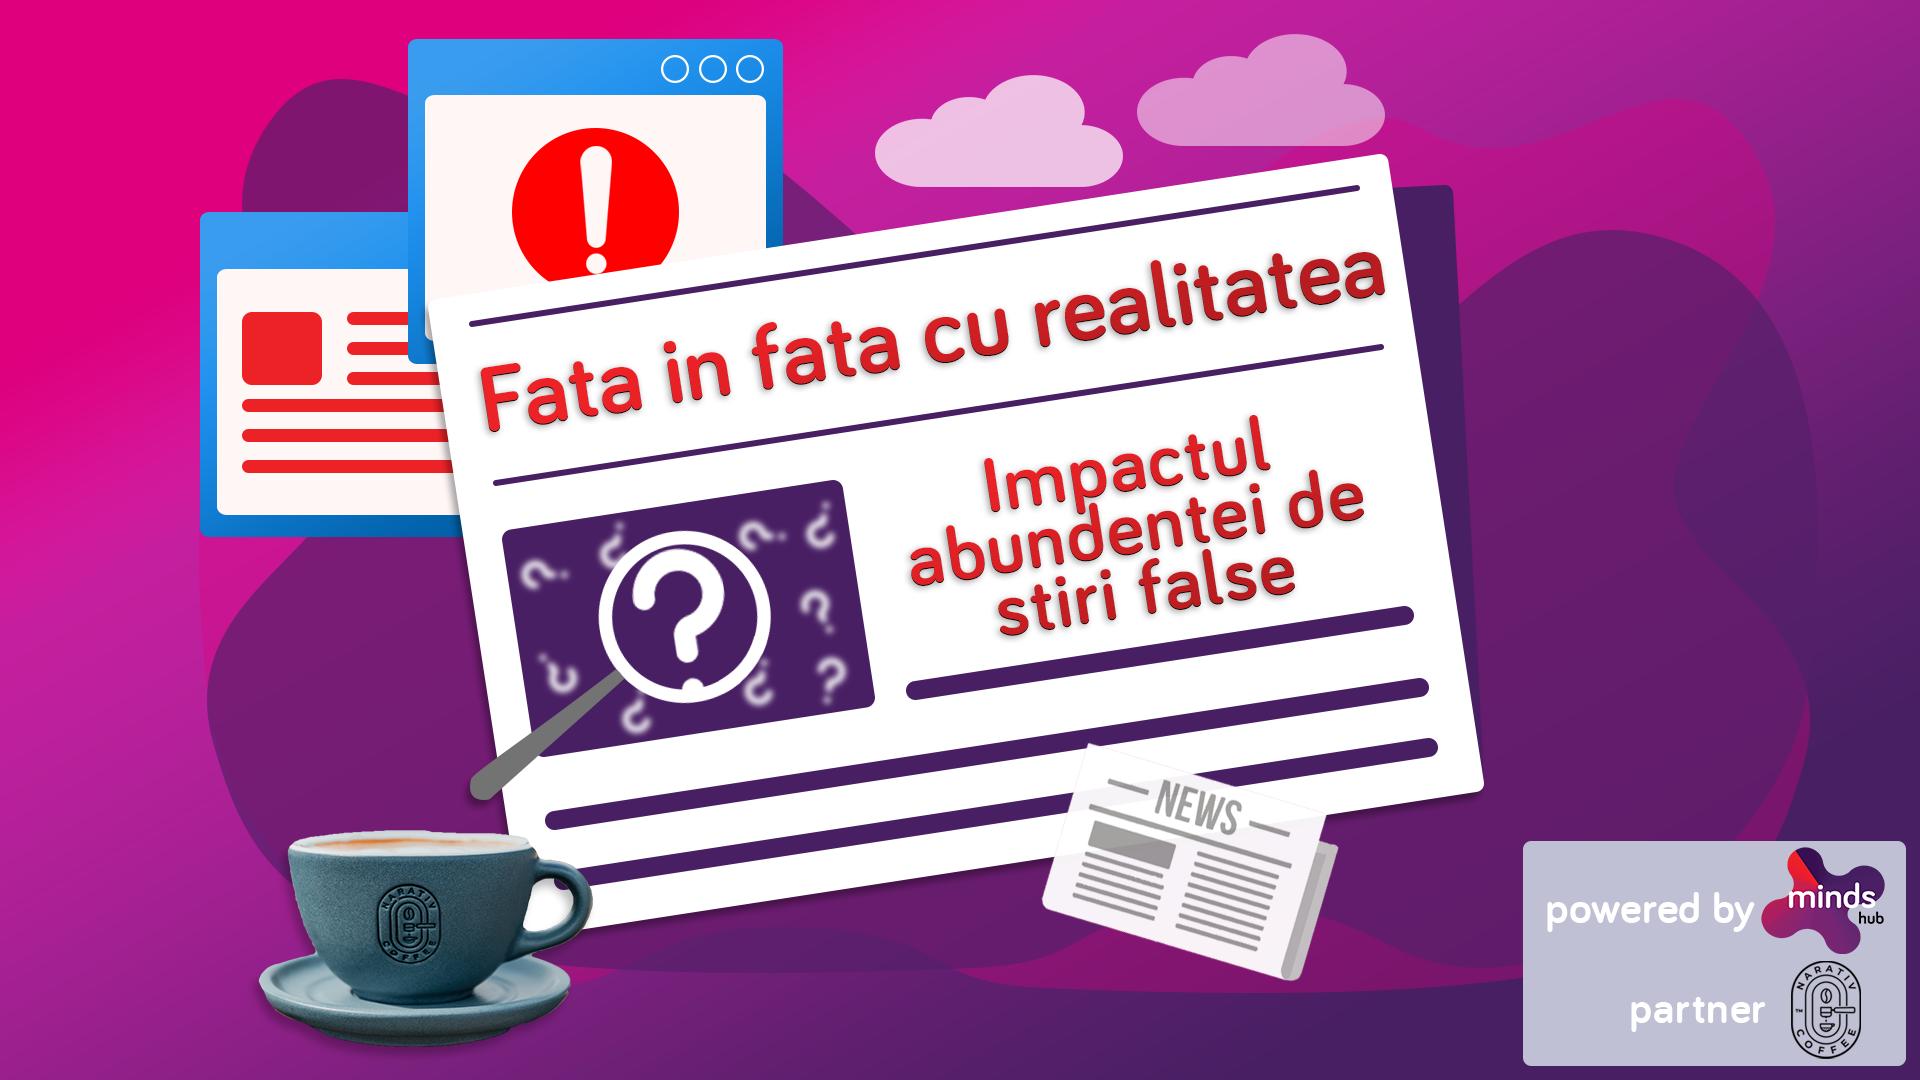 Fake news – Capitolul 3. Față în față cu realitatea Partea 4: Impactul abundenței de știri false